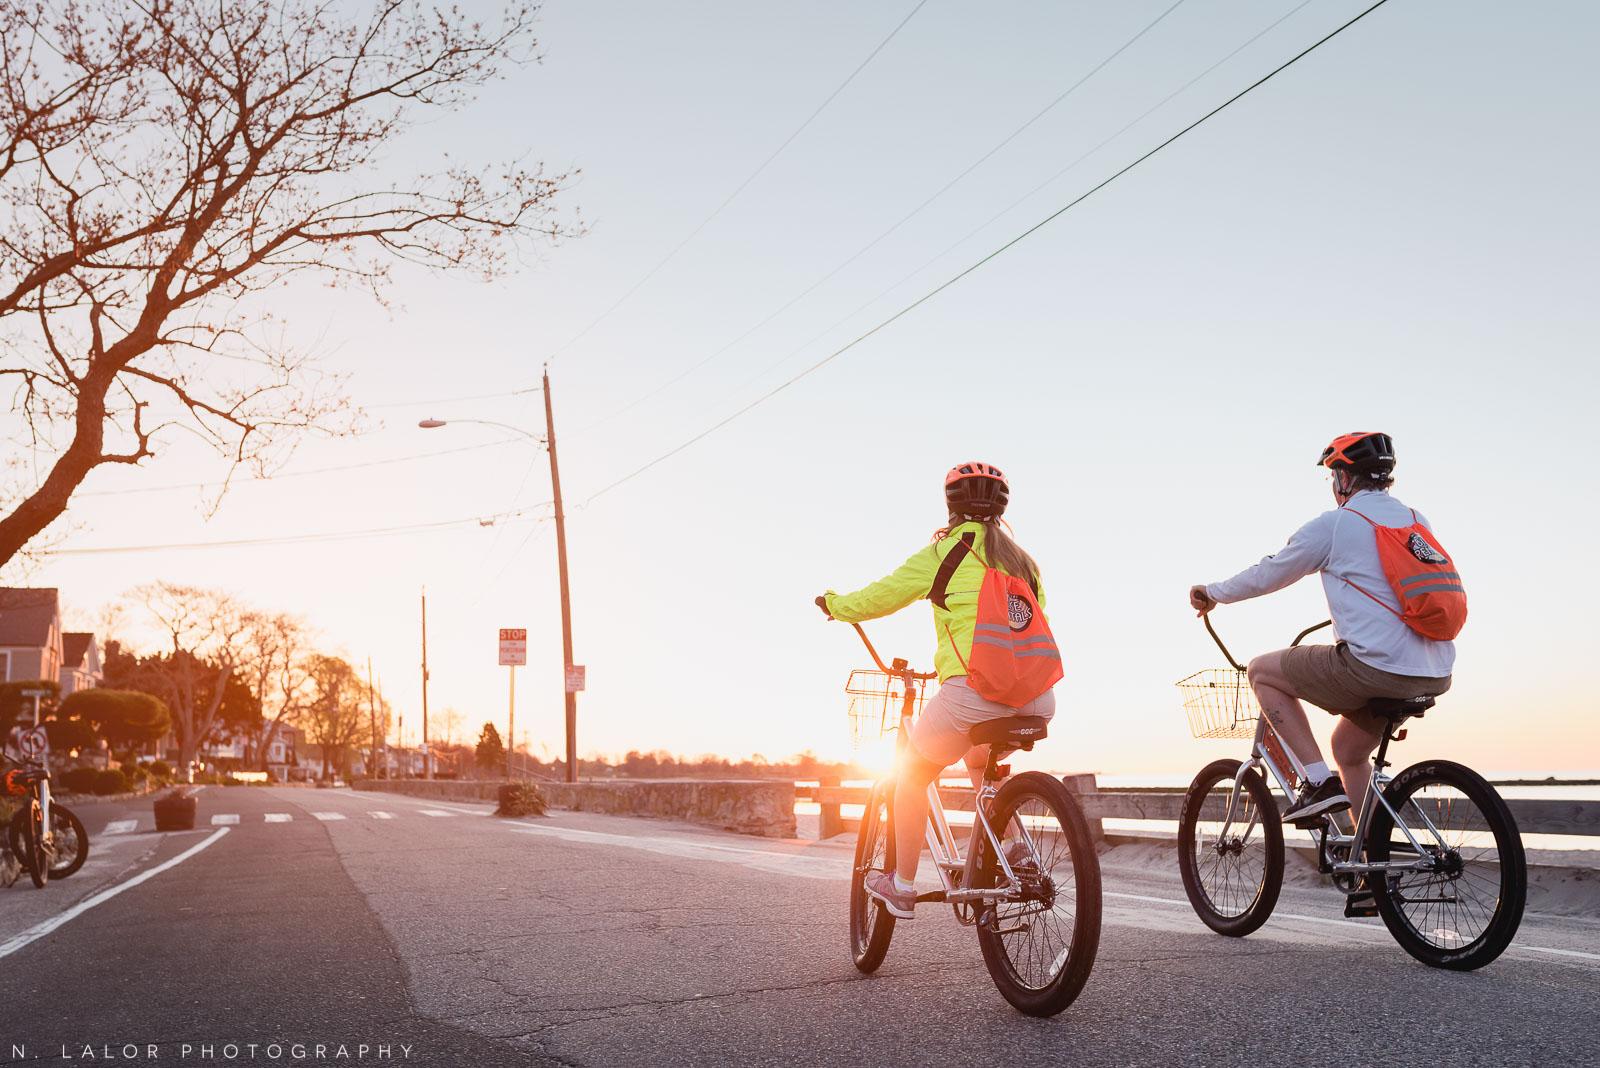 nlalor-photography-2016-04-24-westport-bike-rentals-8.jpg